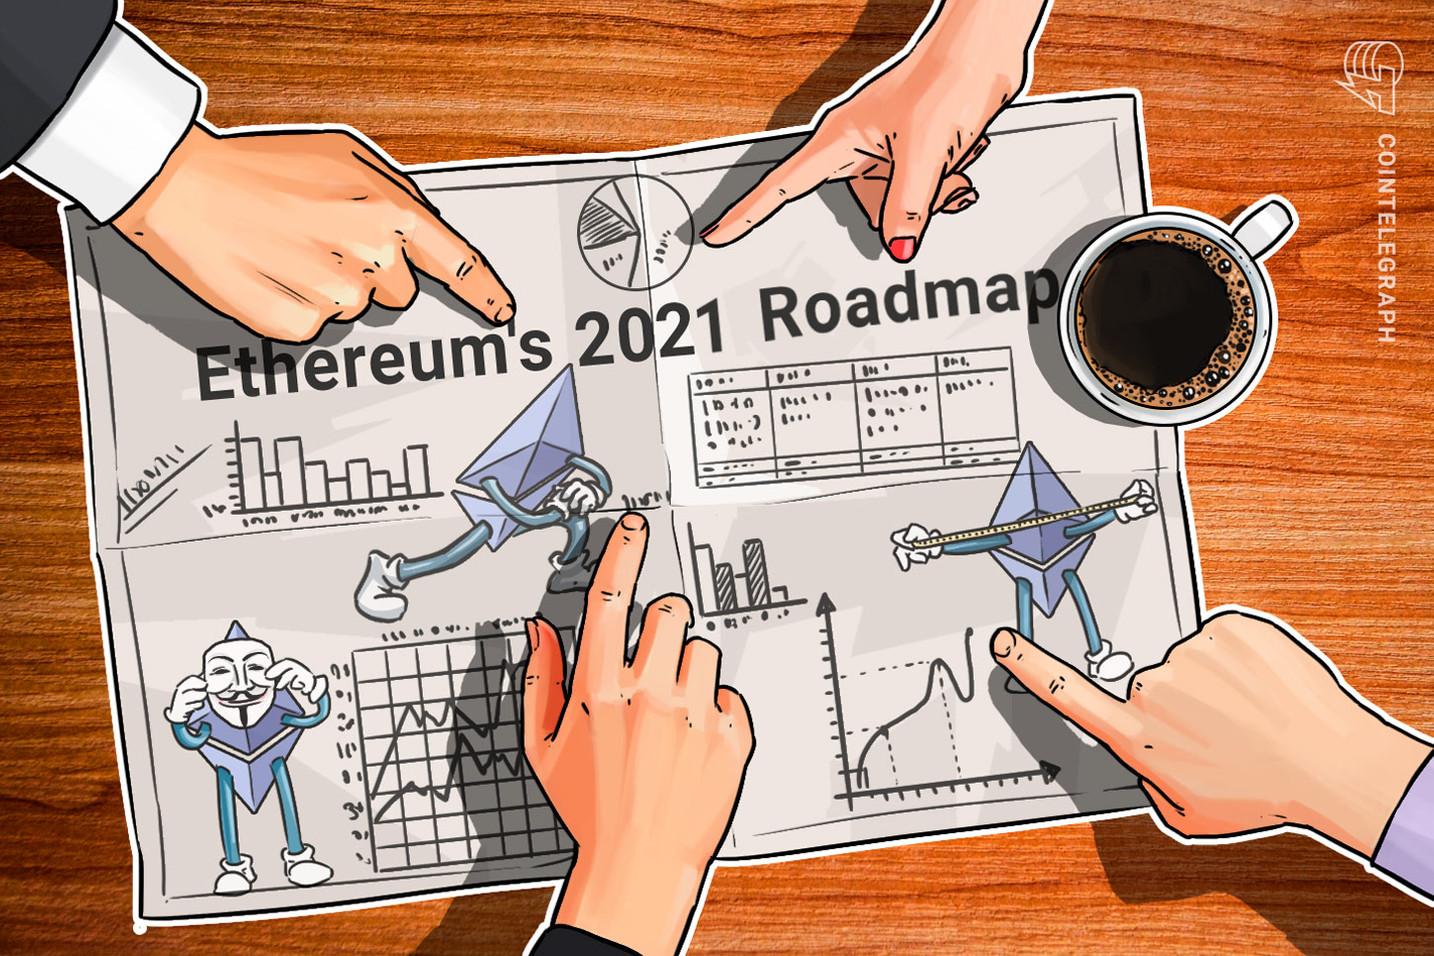 Entro il 2021, Ethereum ridurrà di dieci volte le ricompense per il mining